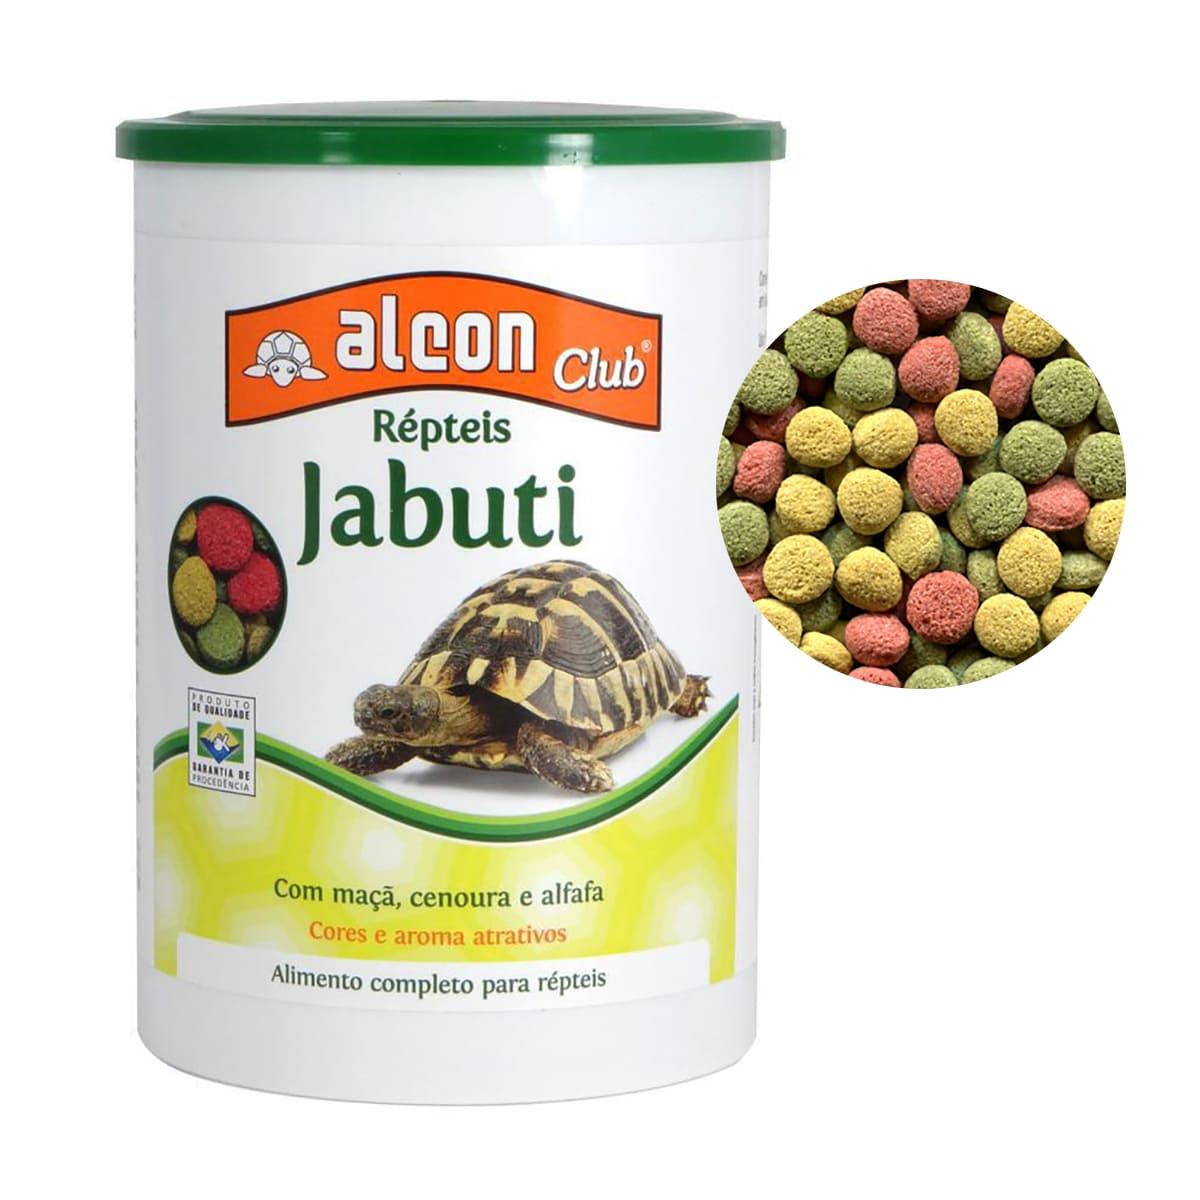 Ração Alcon Club Jabuti 80g Fortalecimento e Crescimento